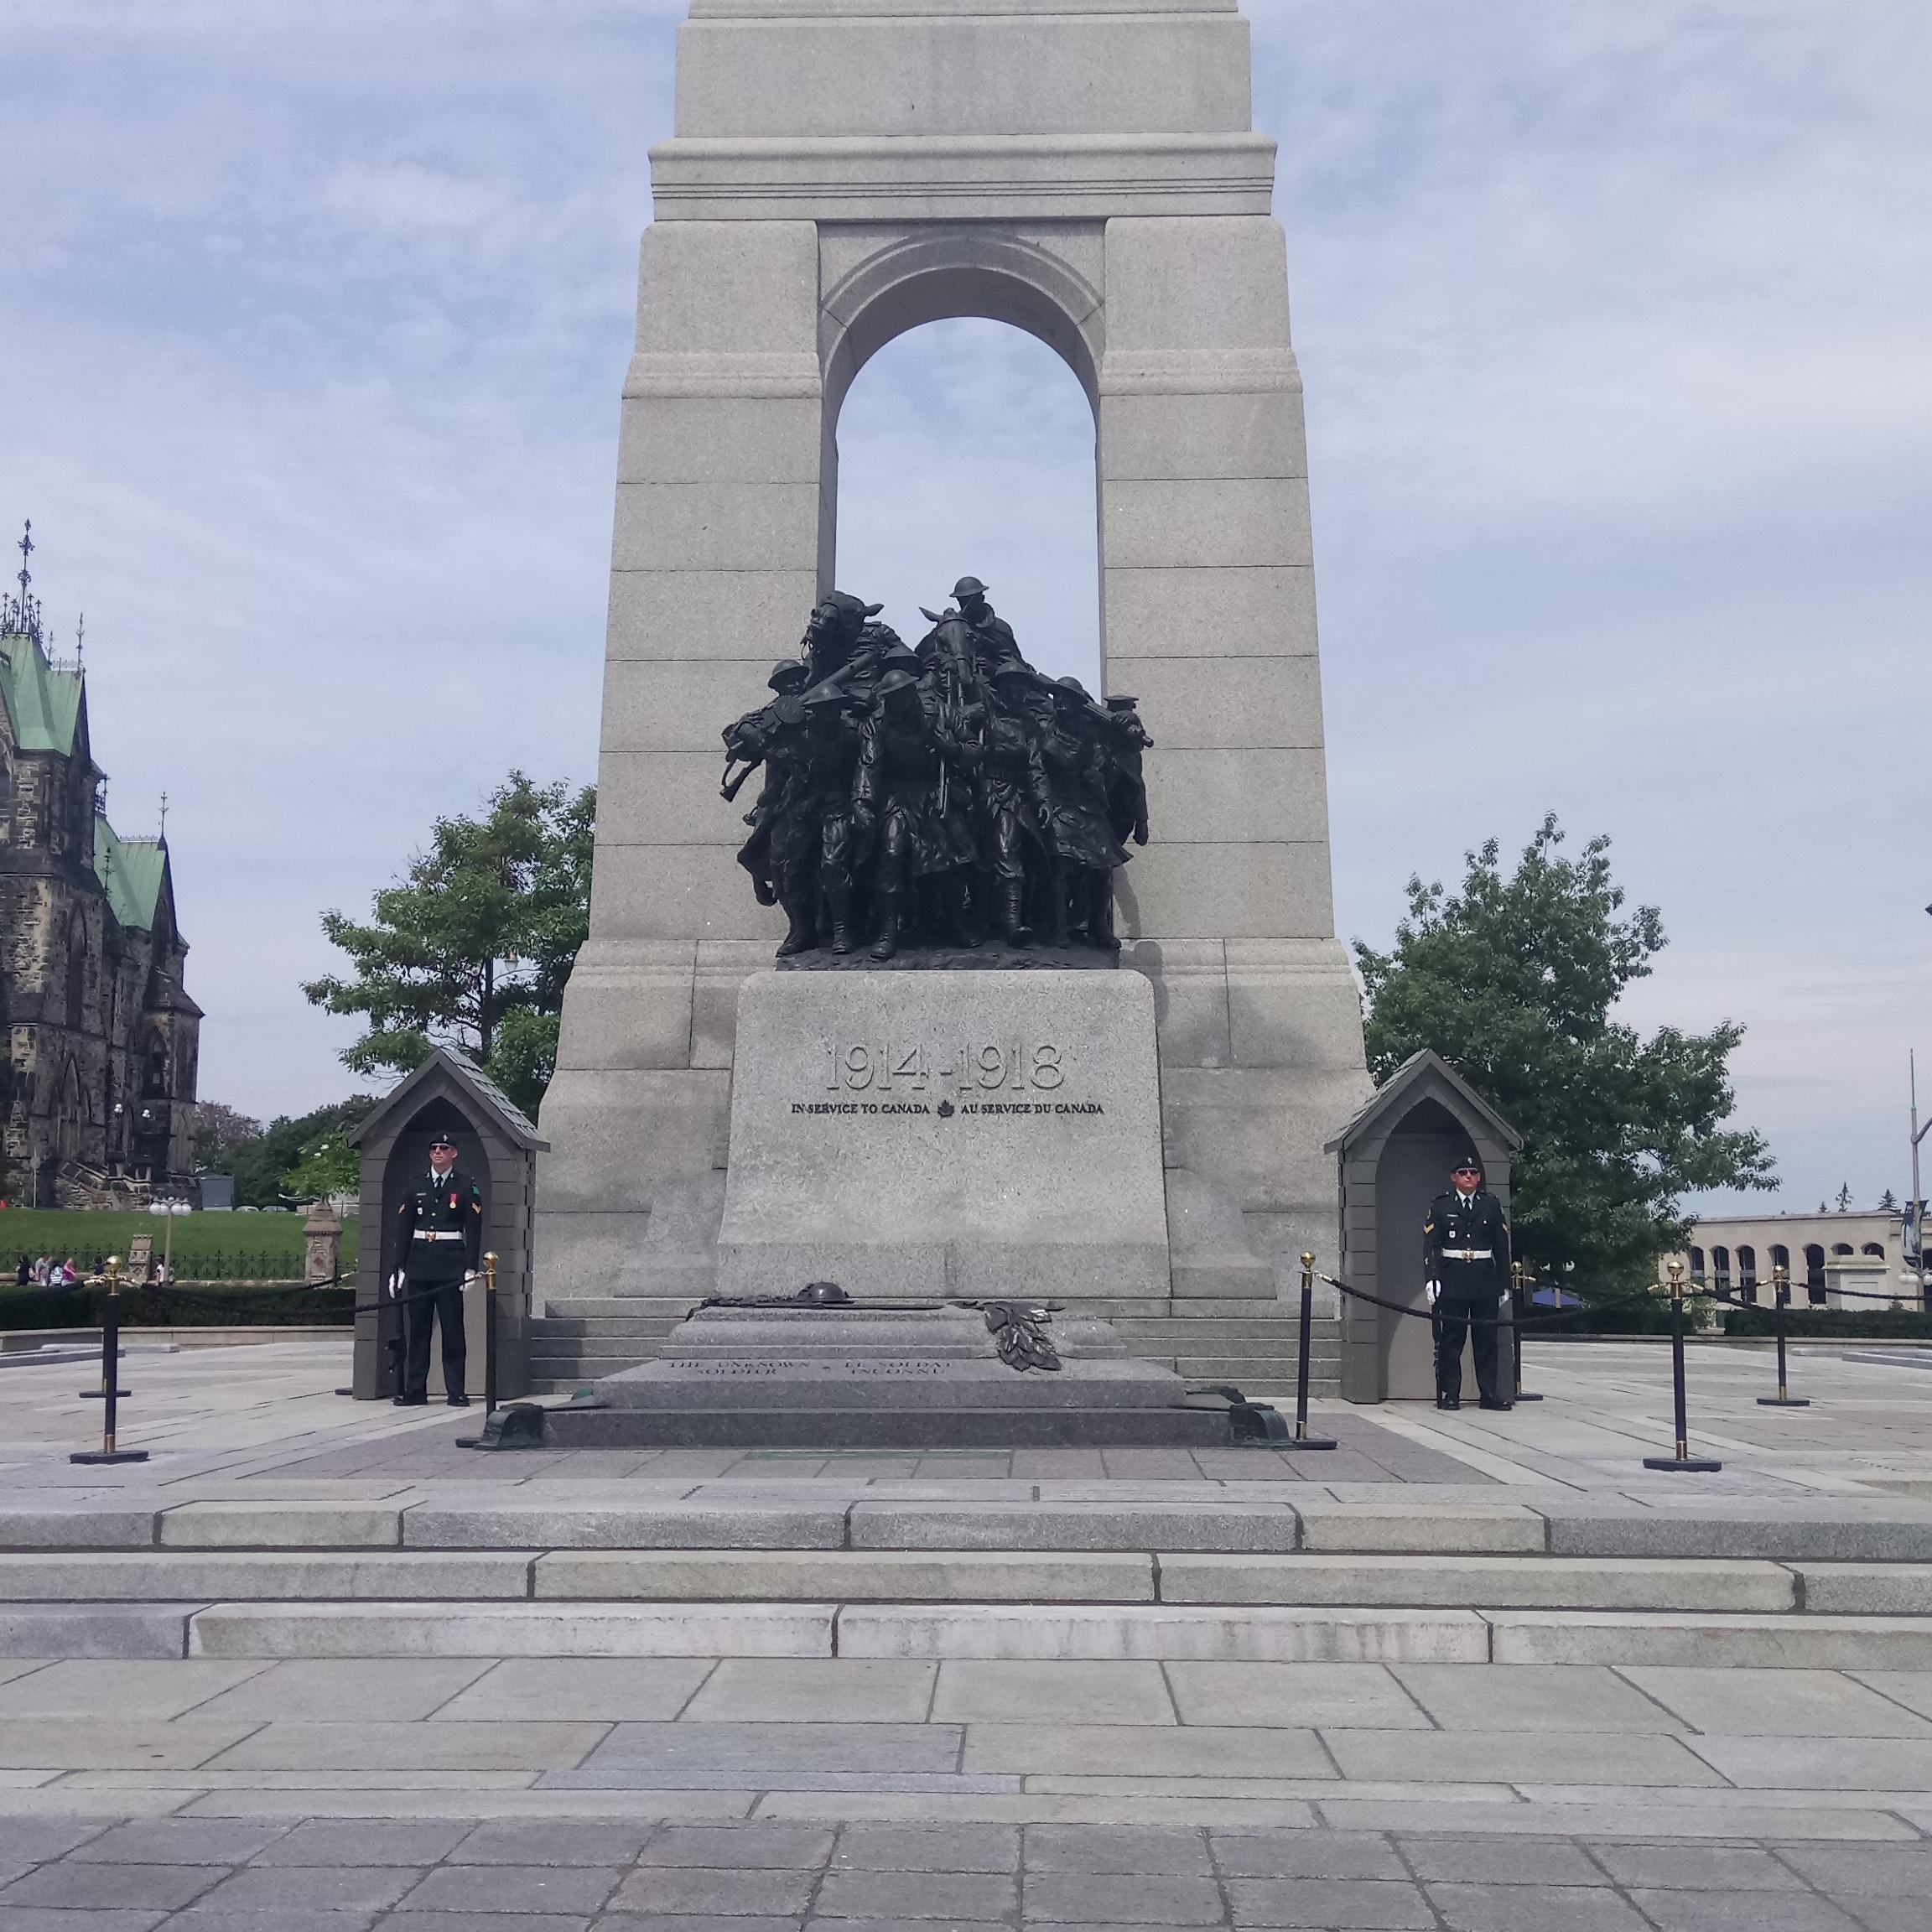 Le Monument commémoratif de guerre du Canada